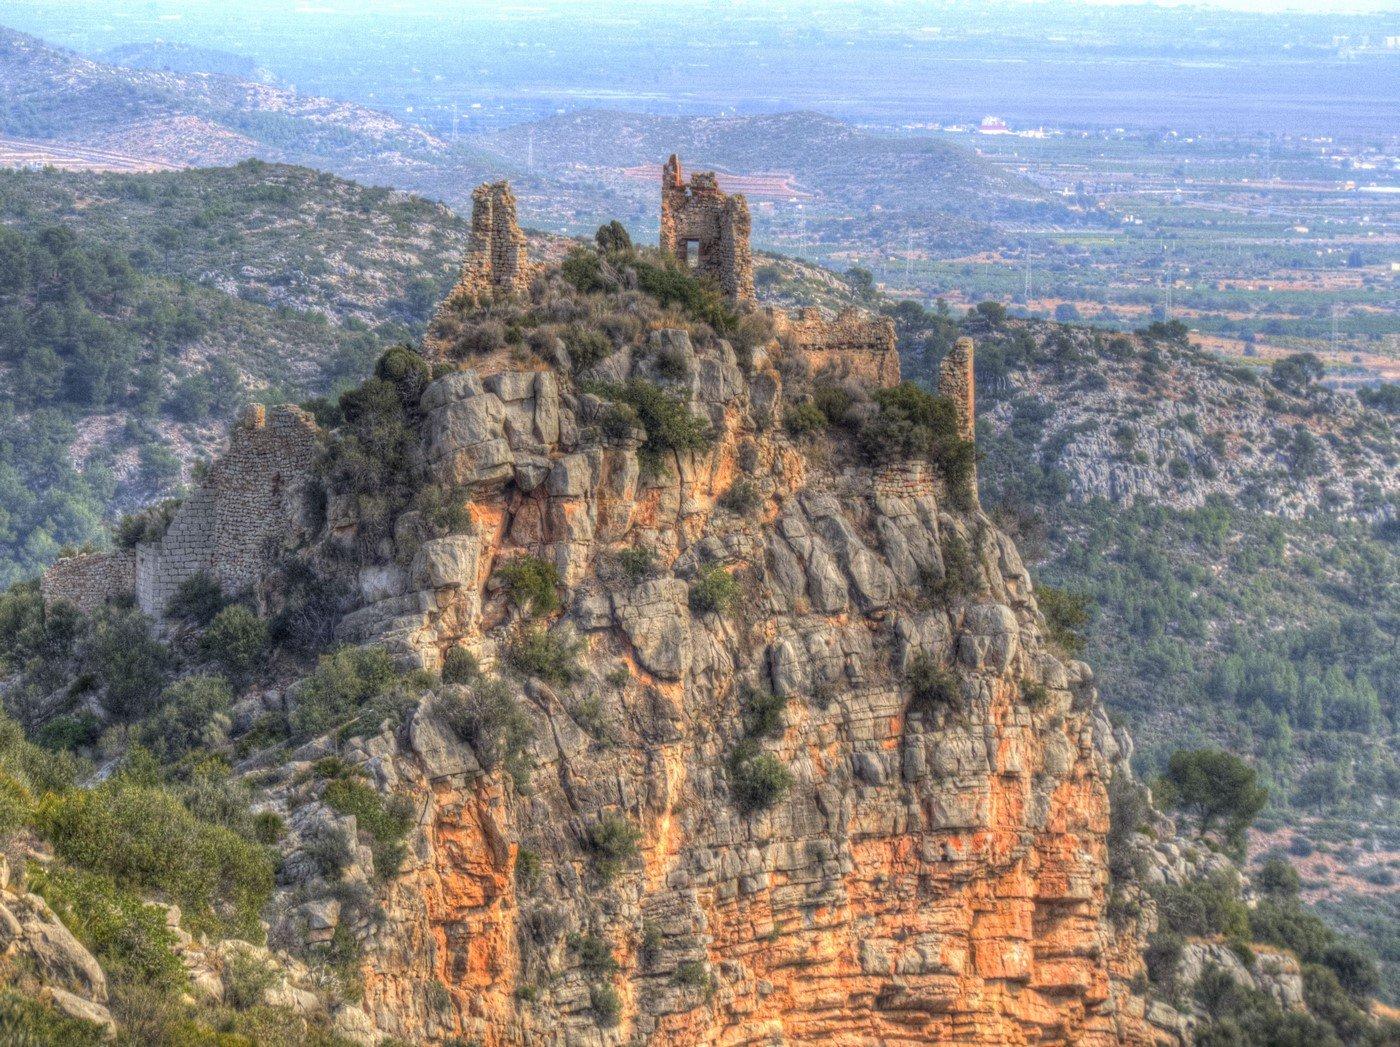 Desierto de las Palmas - Cabanes